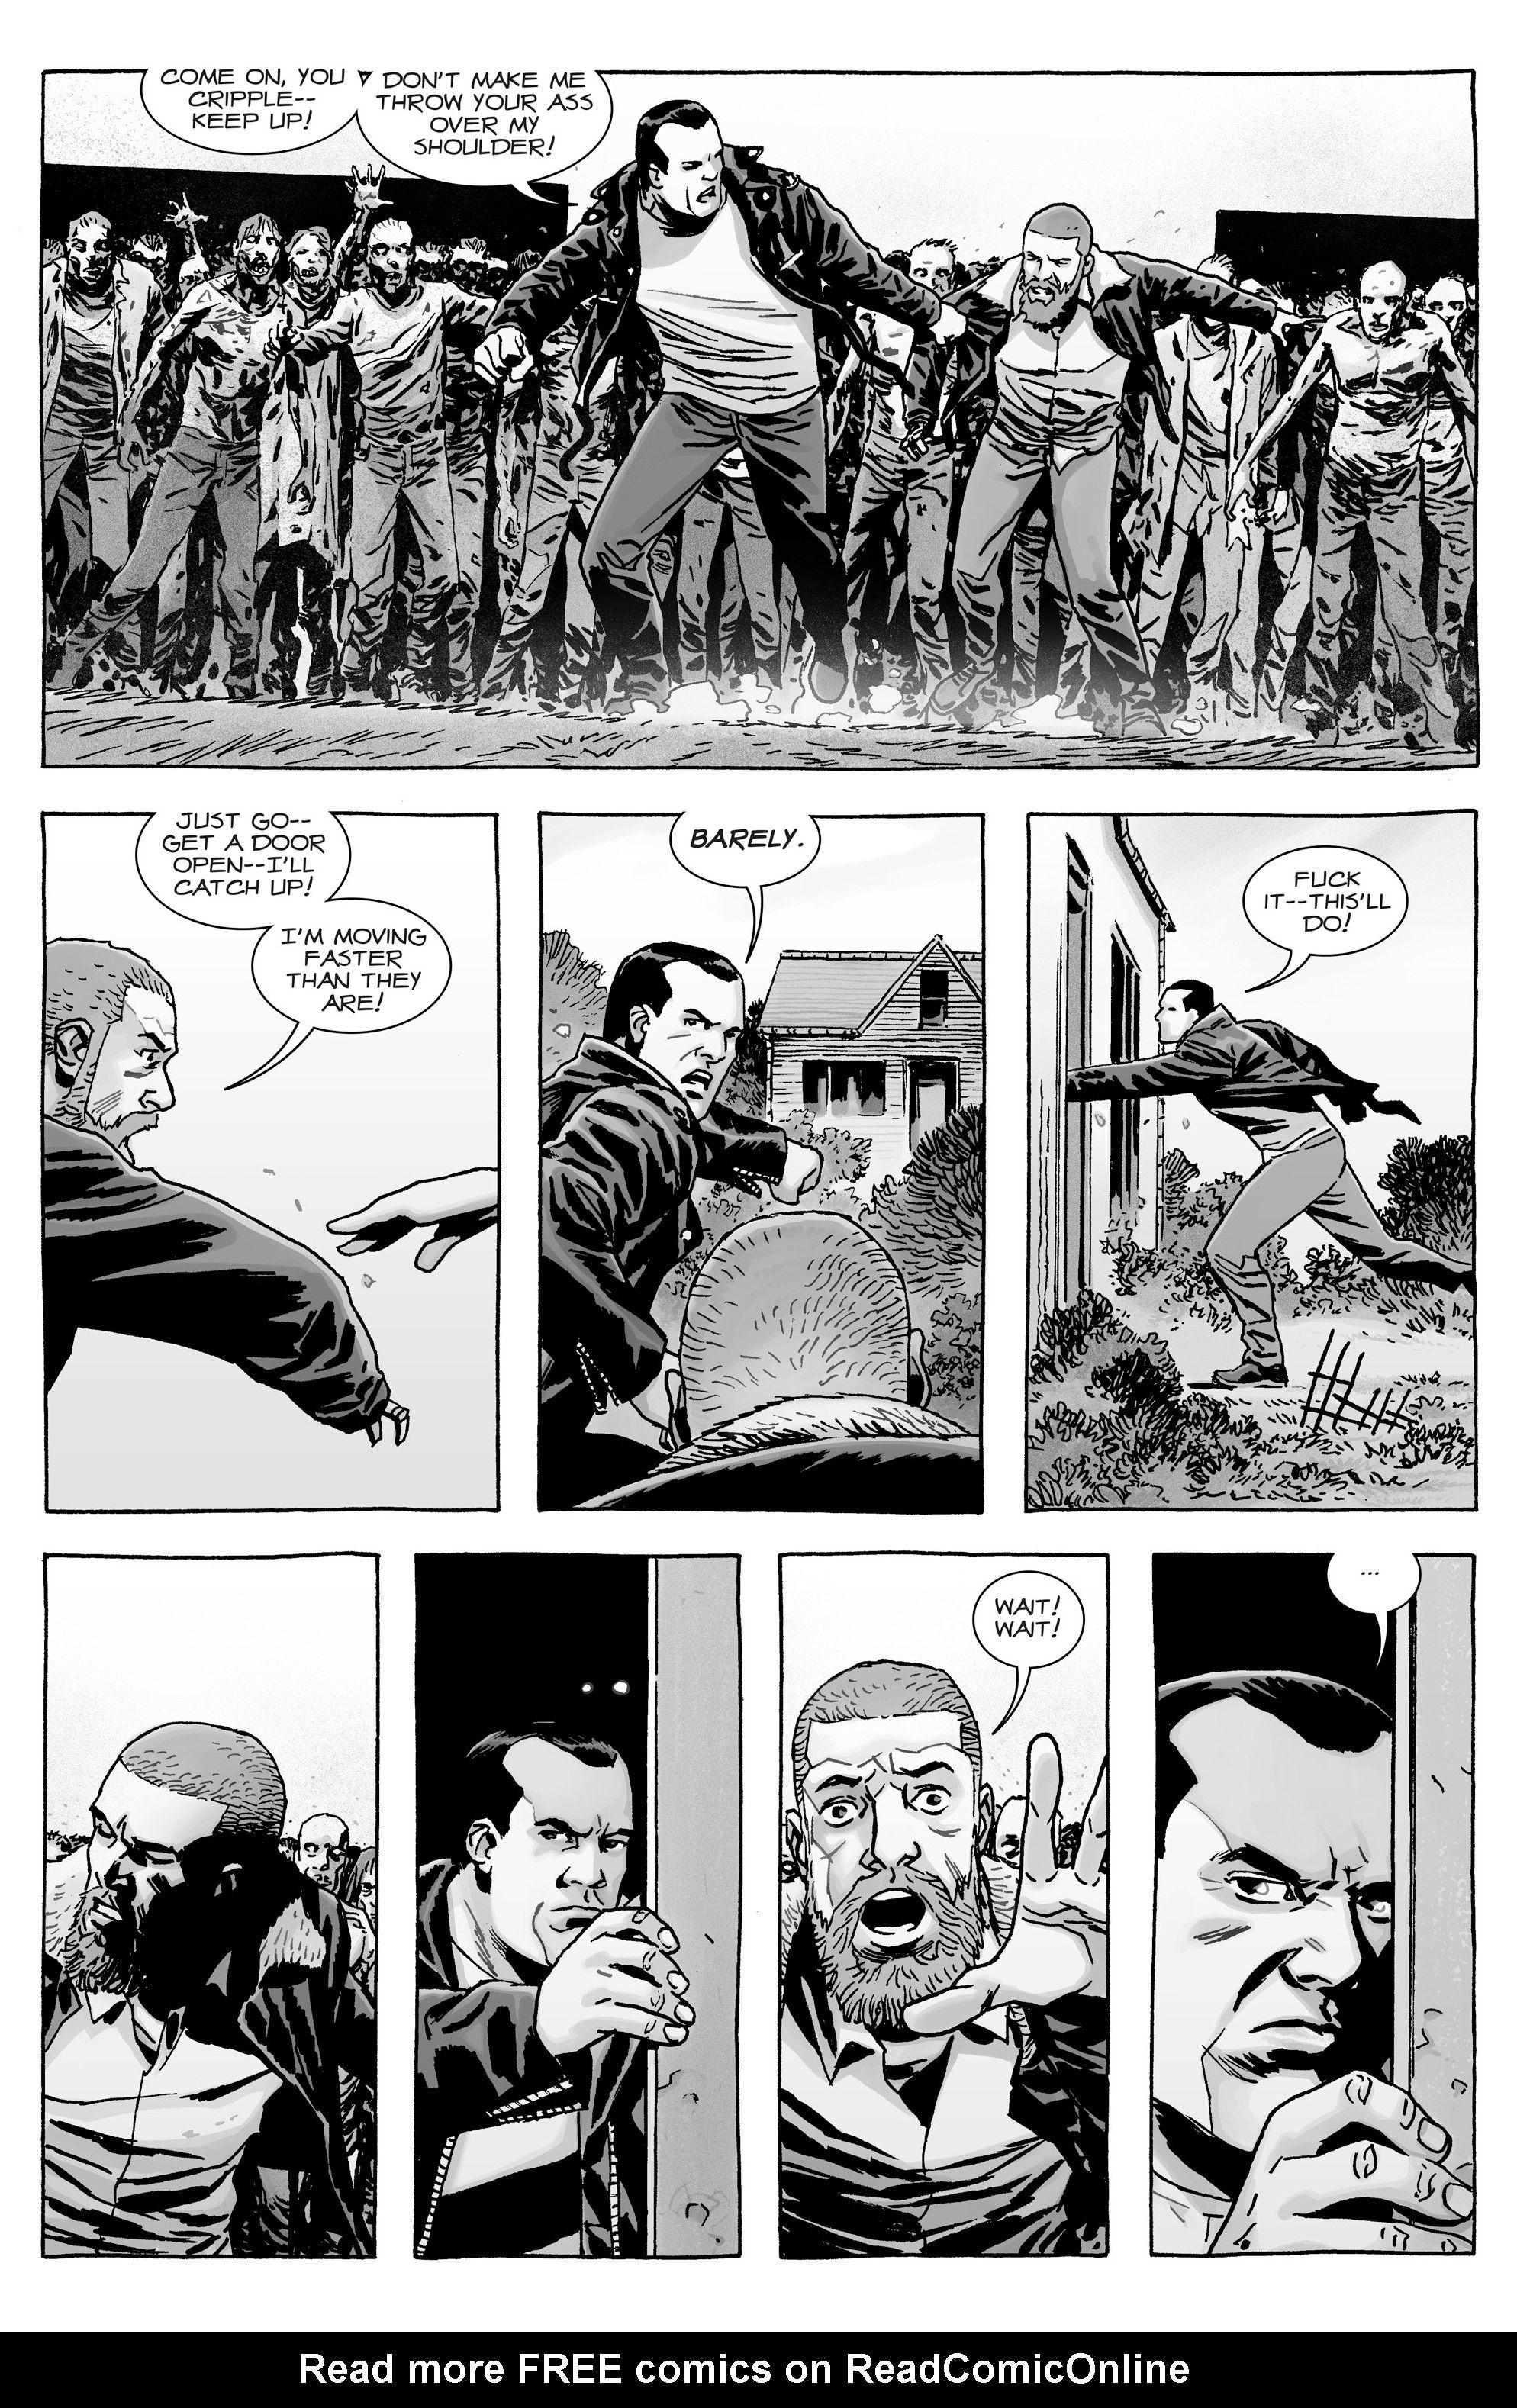 The Walking Dead Issue #164 - Read The Walking Dead Issue